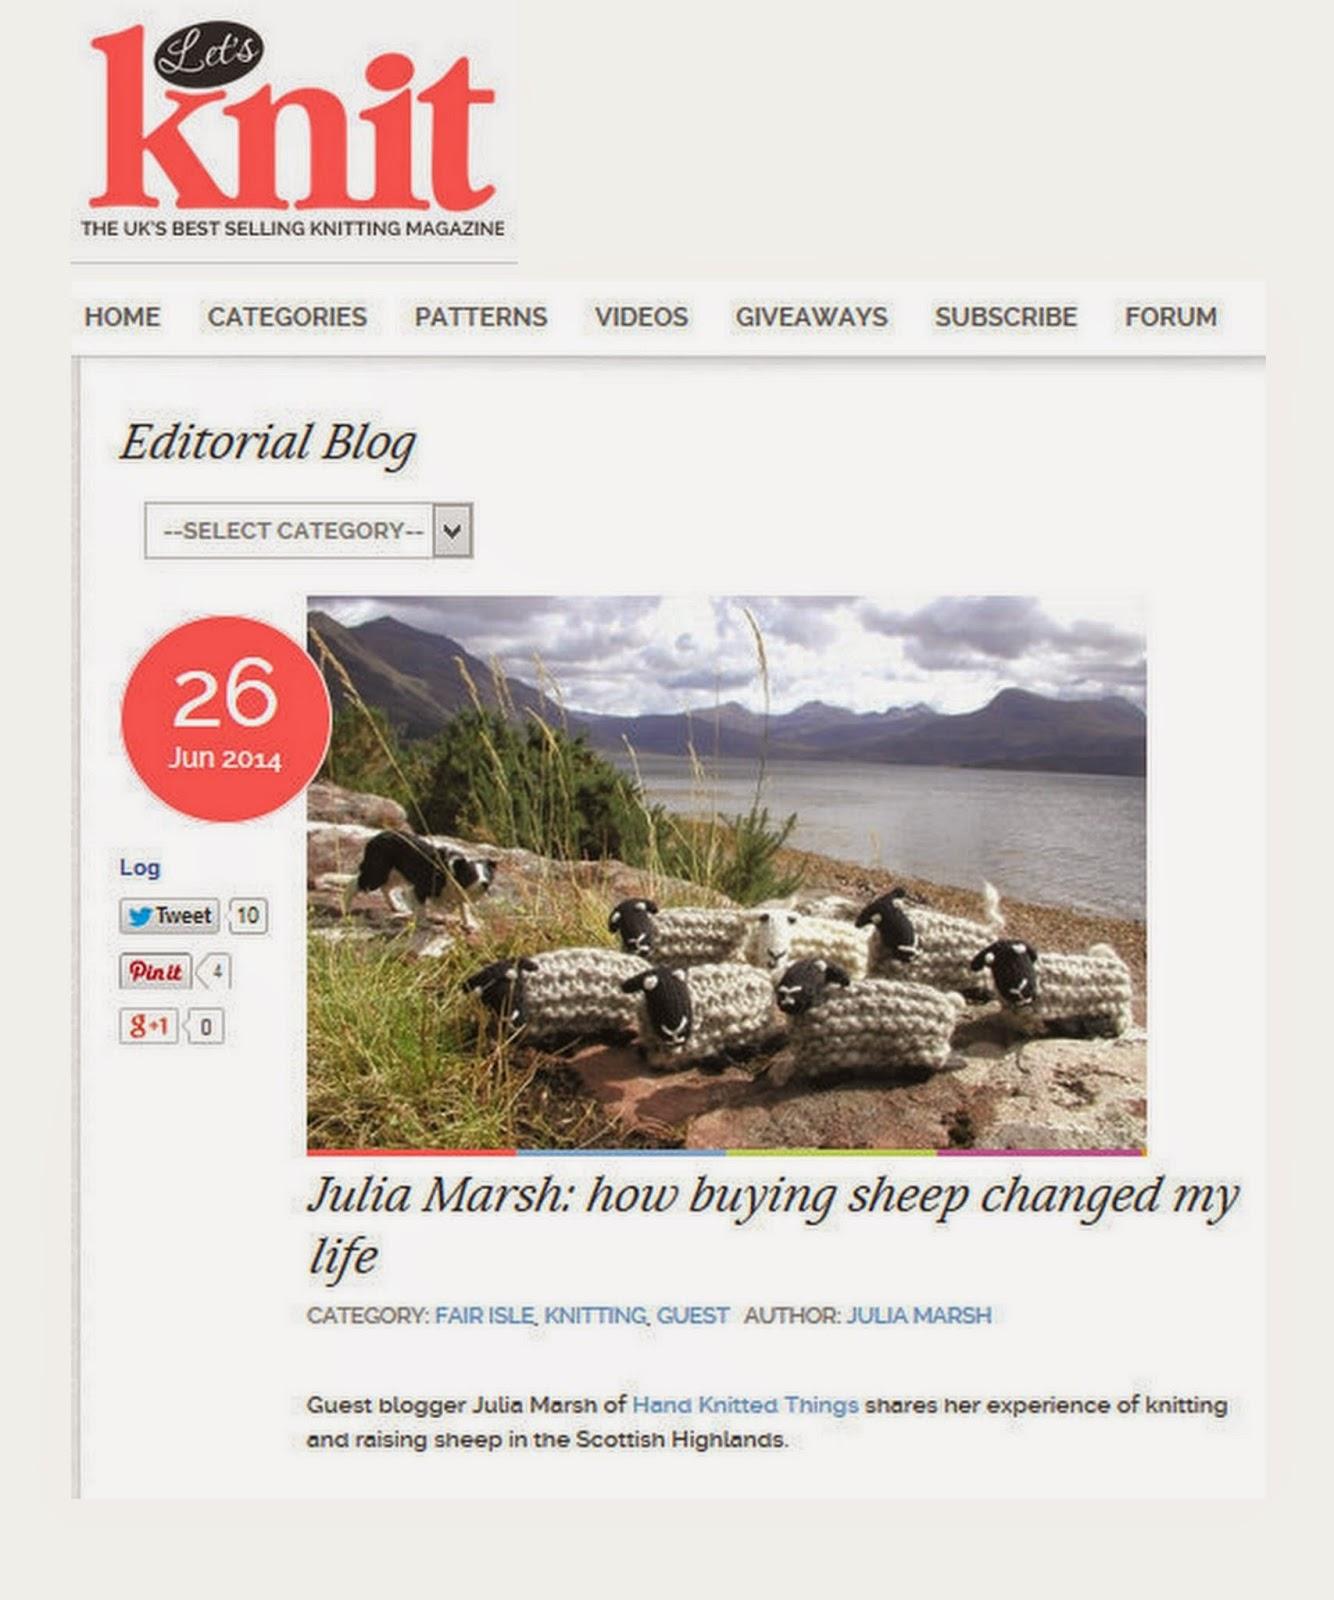 Let's Knit Magazine June 2014